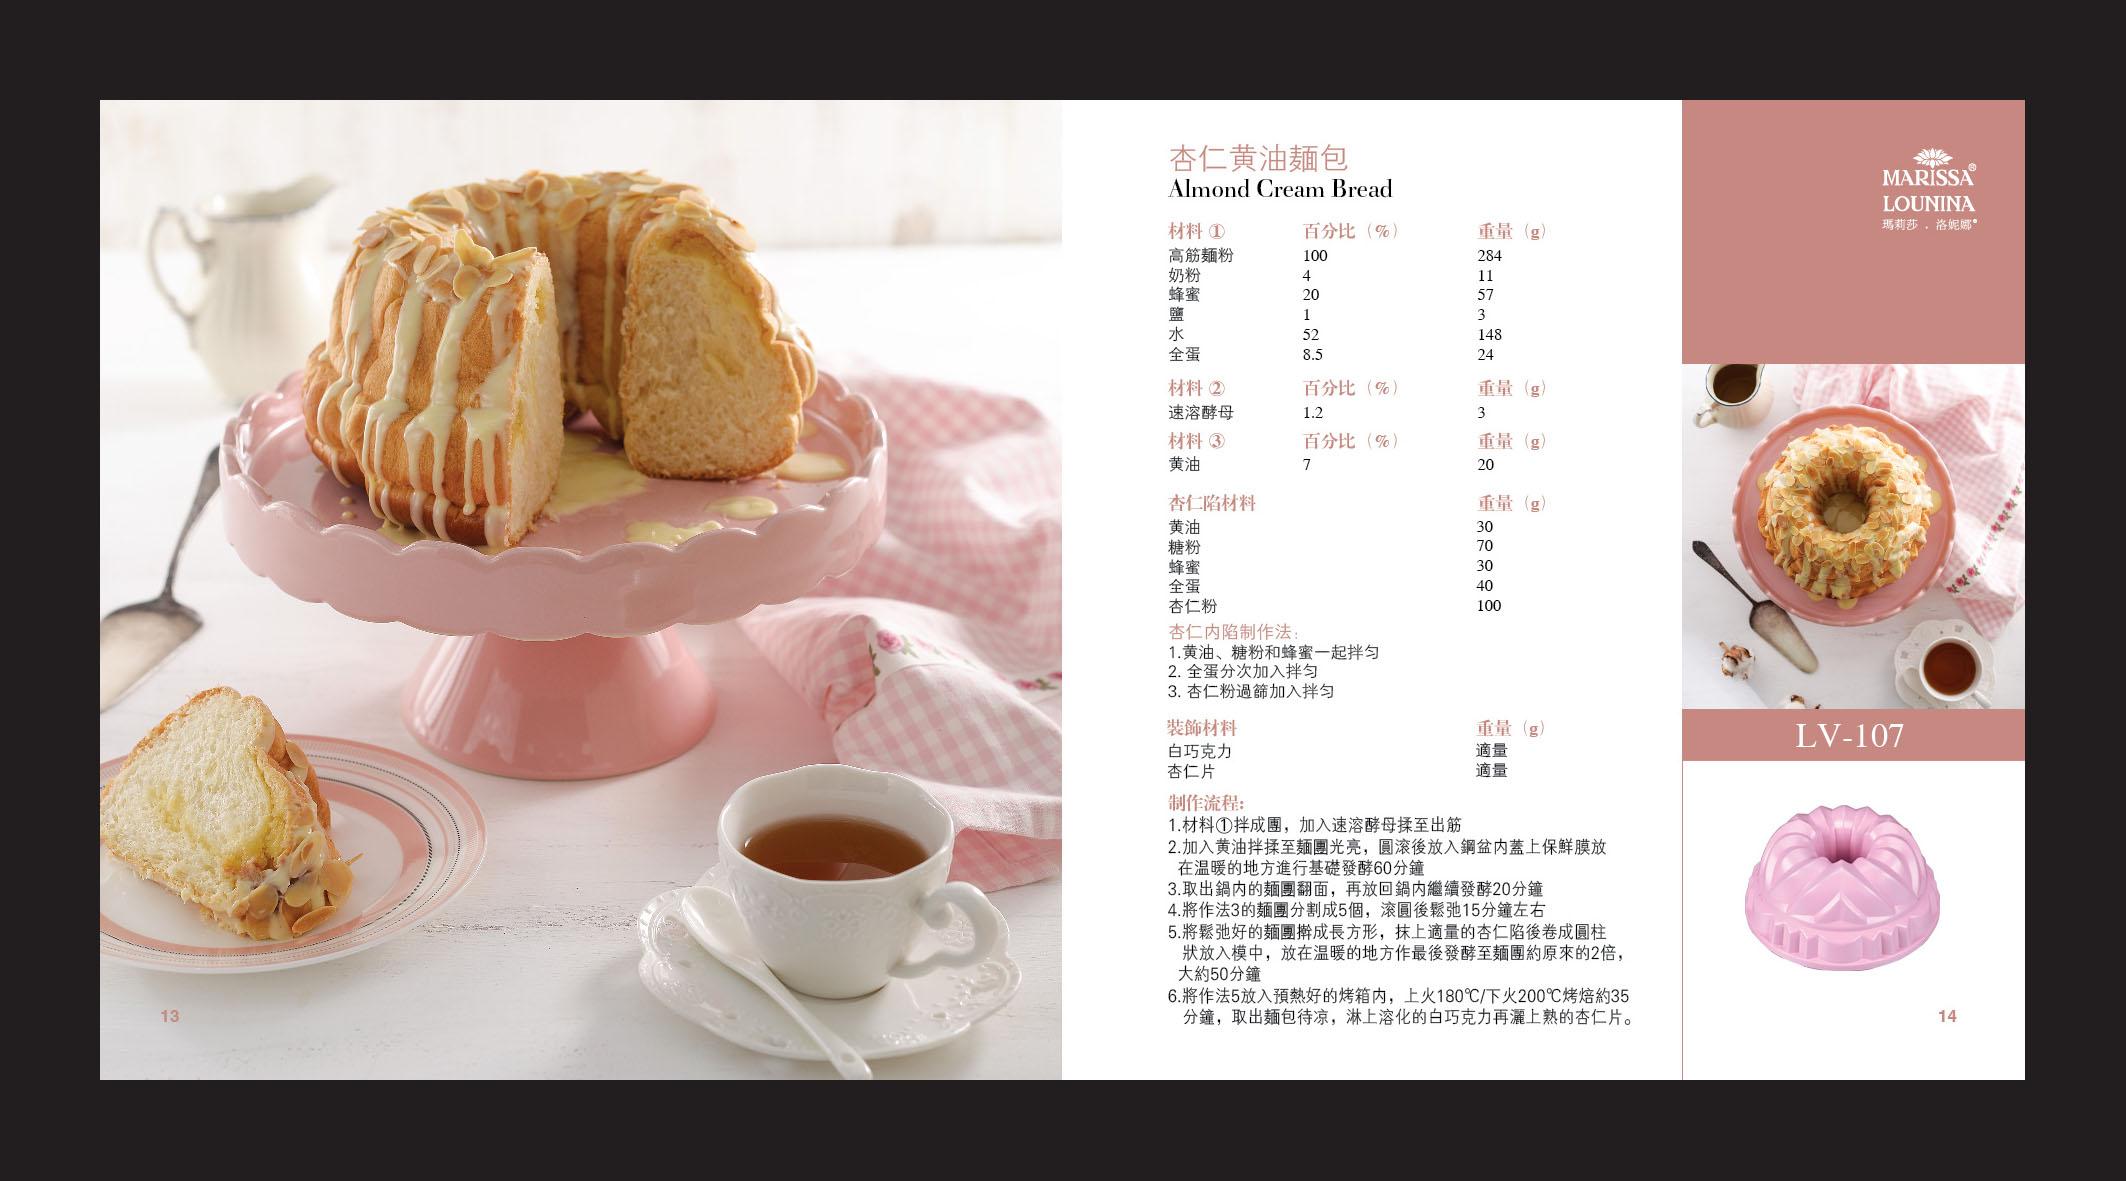 吕一斌 蛋糕模菜谱-107.jpg